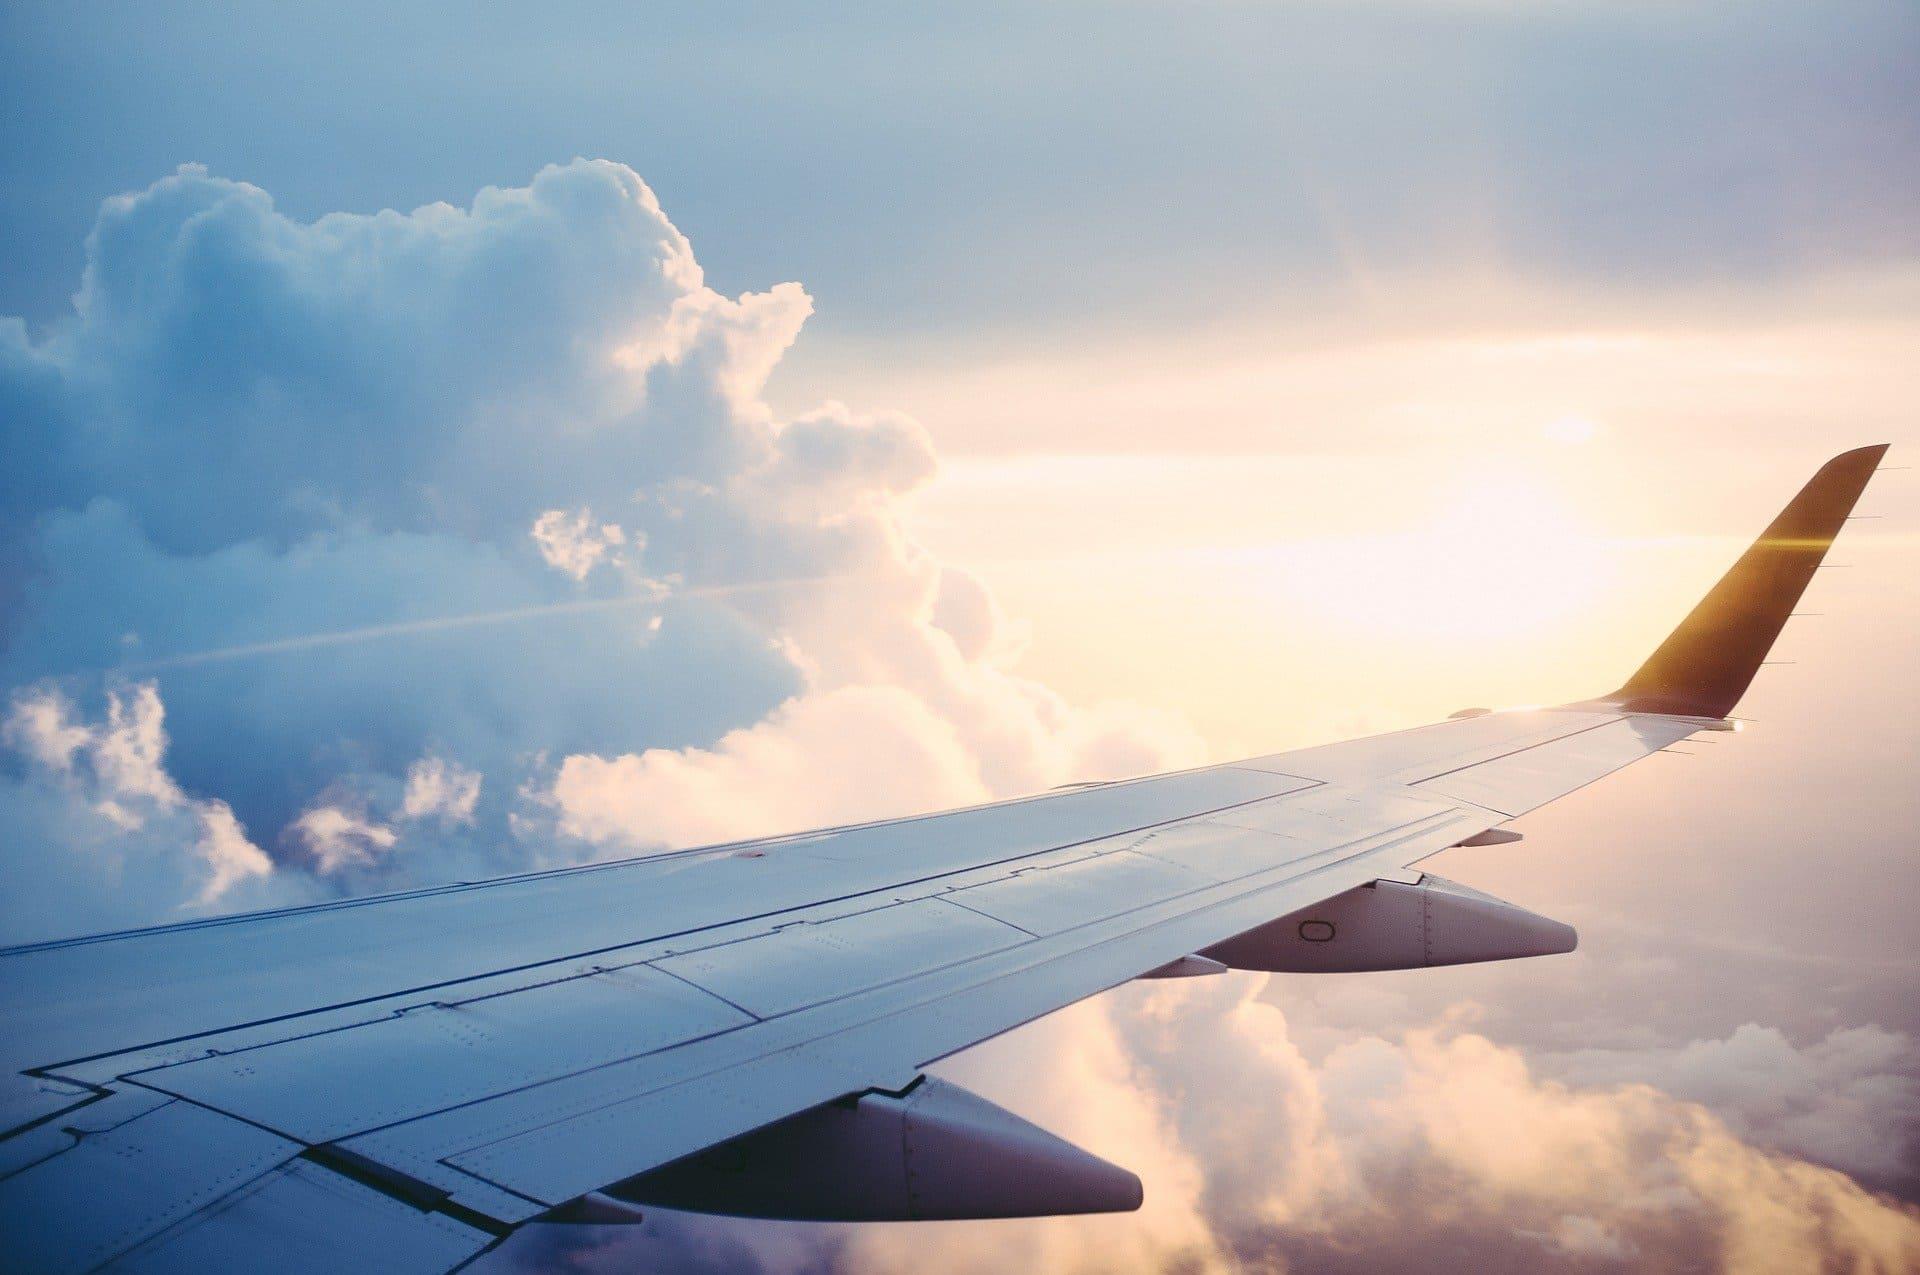 avion-viaje-volar